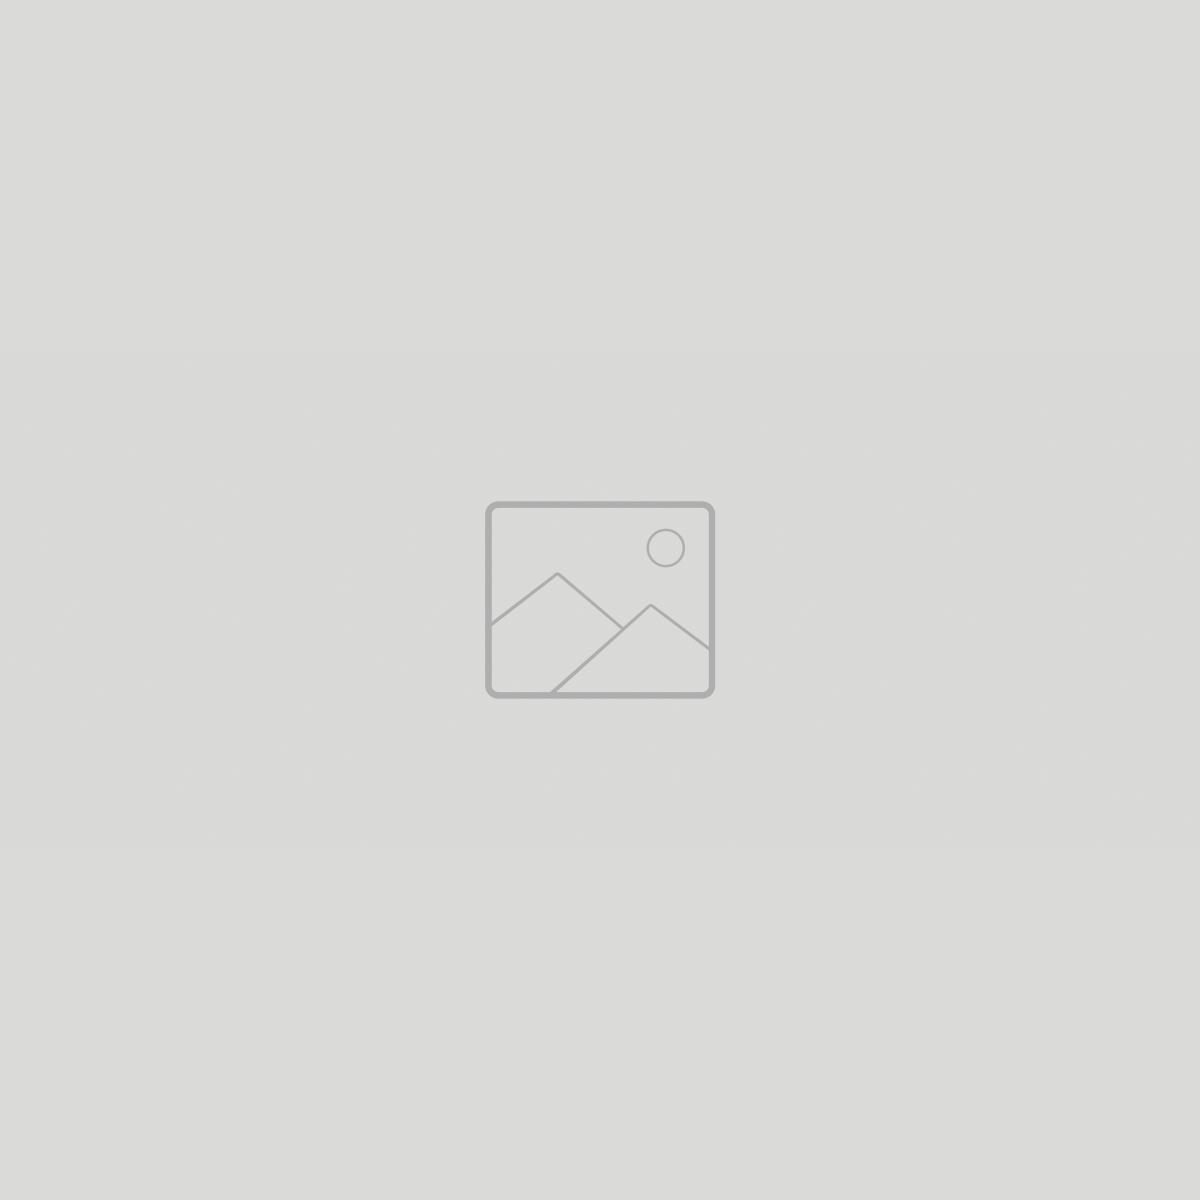 لصقة حماية الشاشة كاملة 5D أسود هواوي Mate 10 Lite